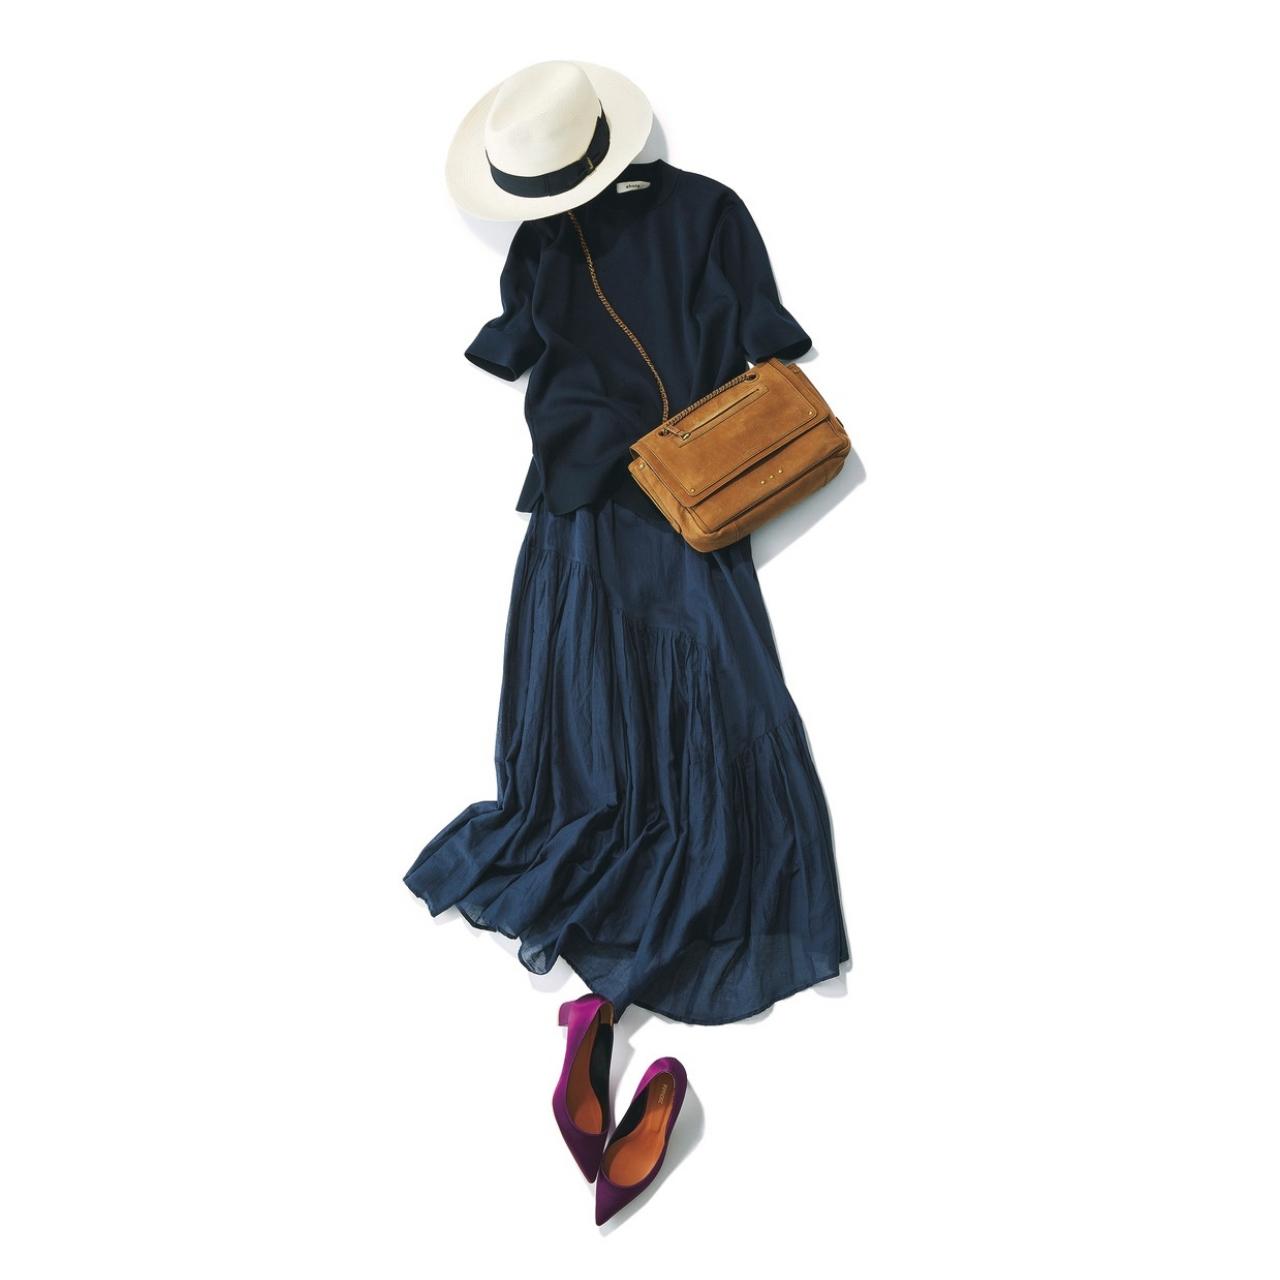 ネイビーのギャザースカート×ネイビーニットのファッションコーデ